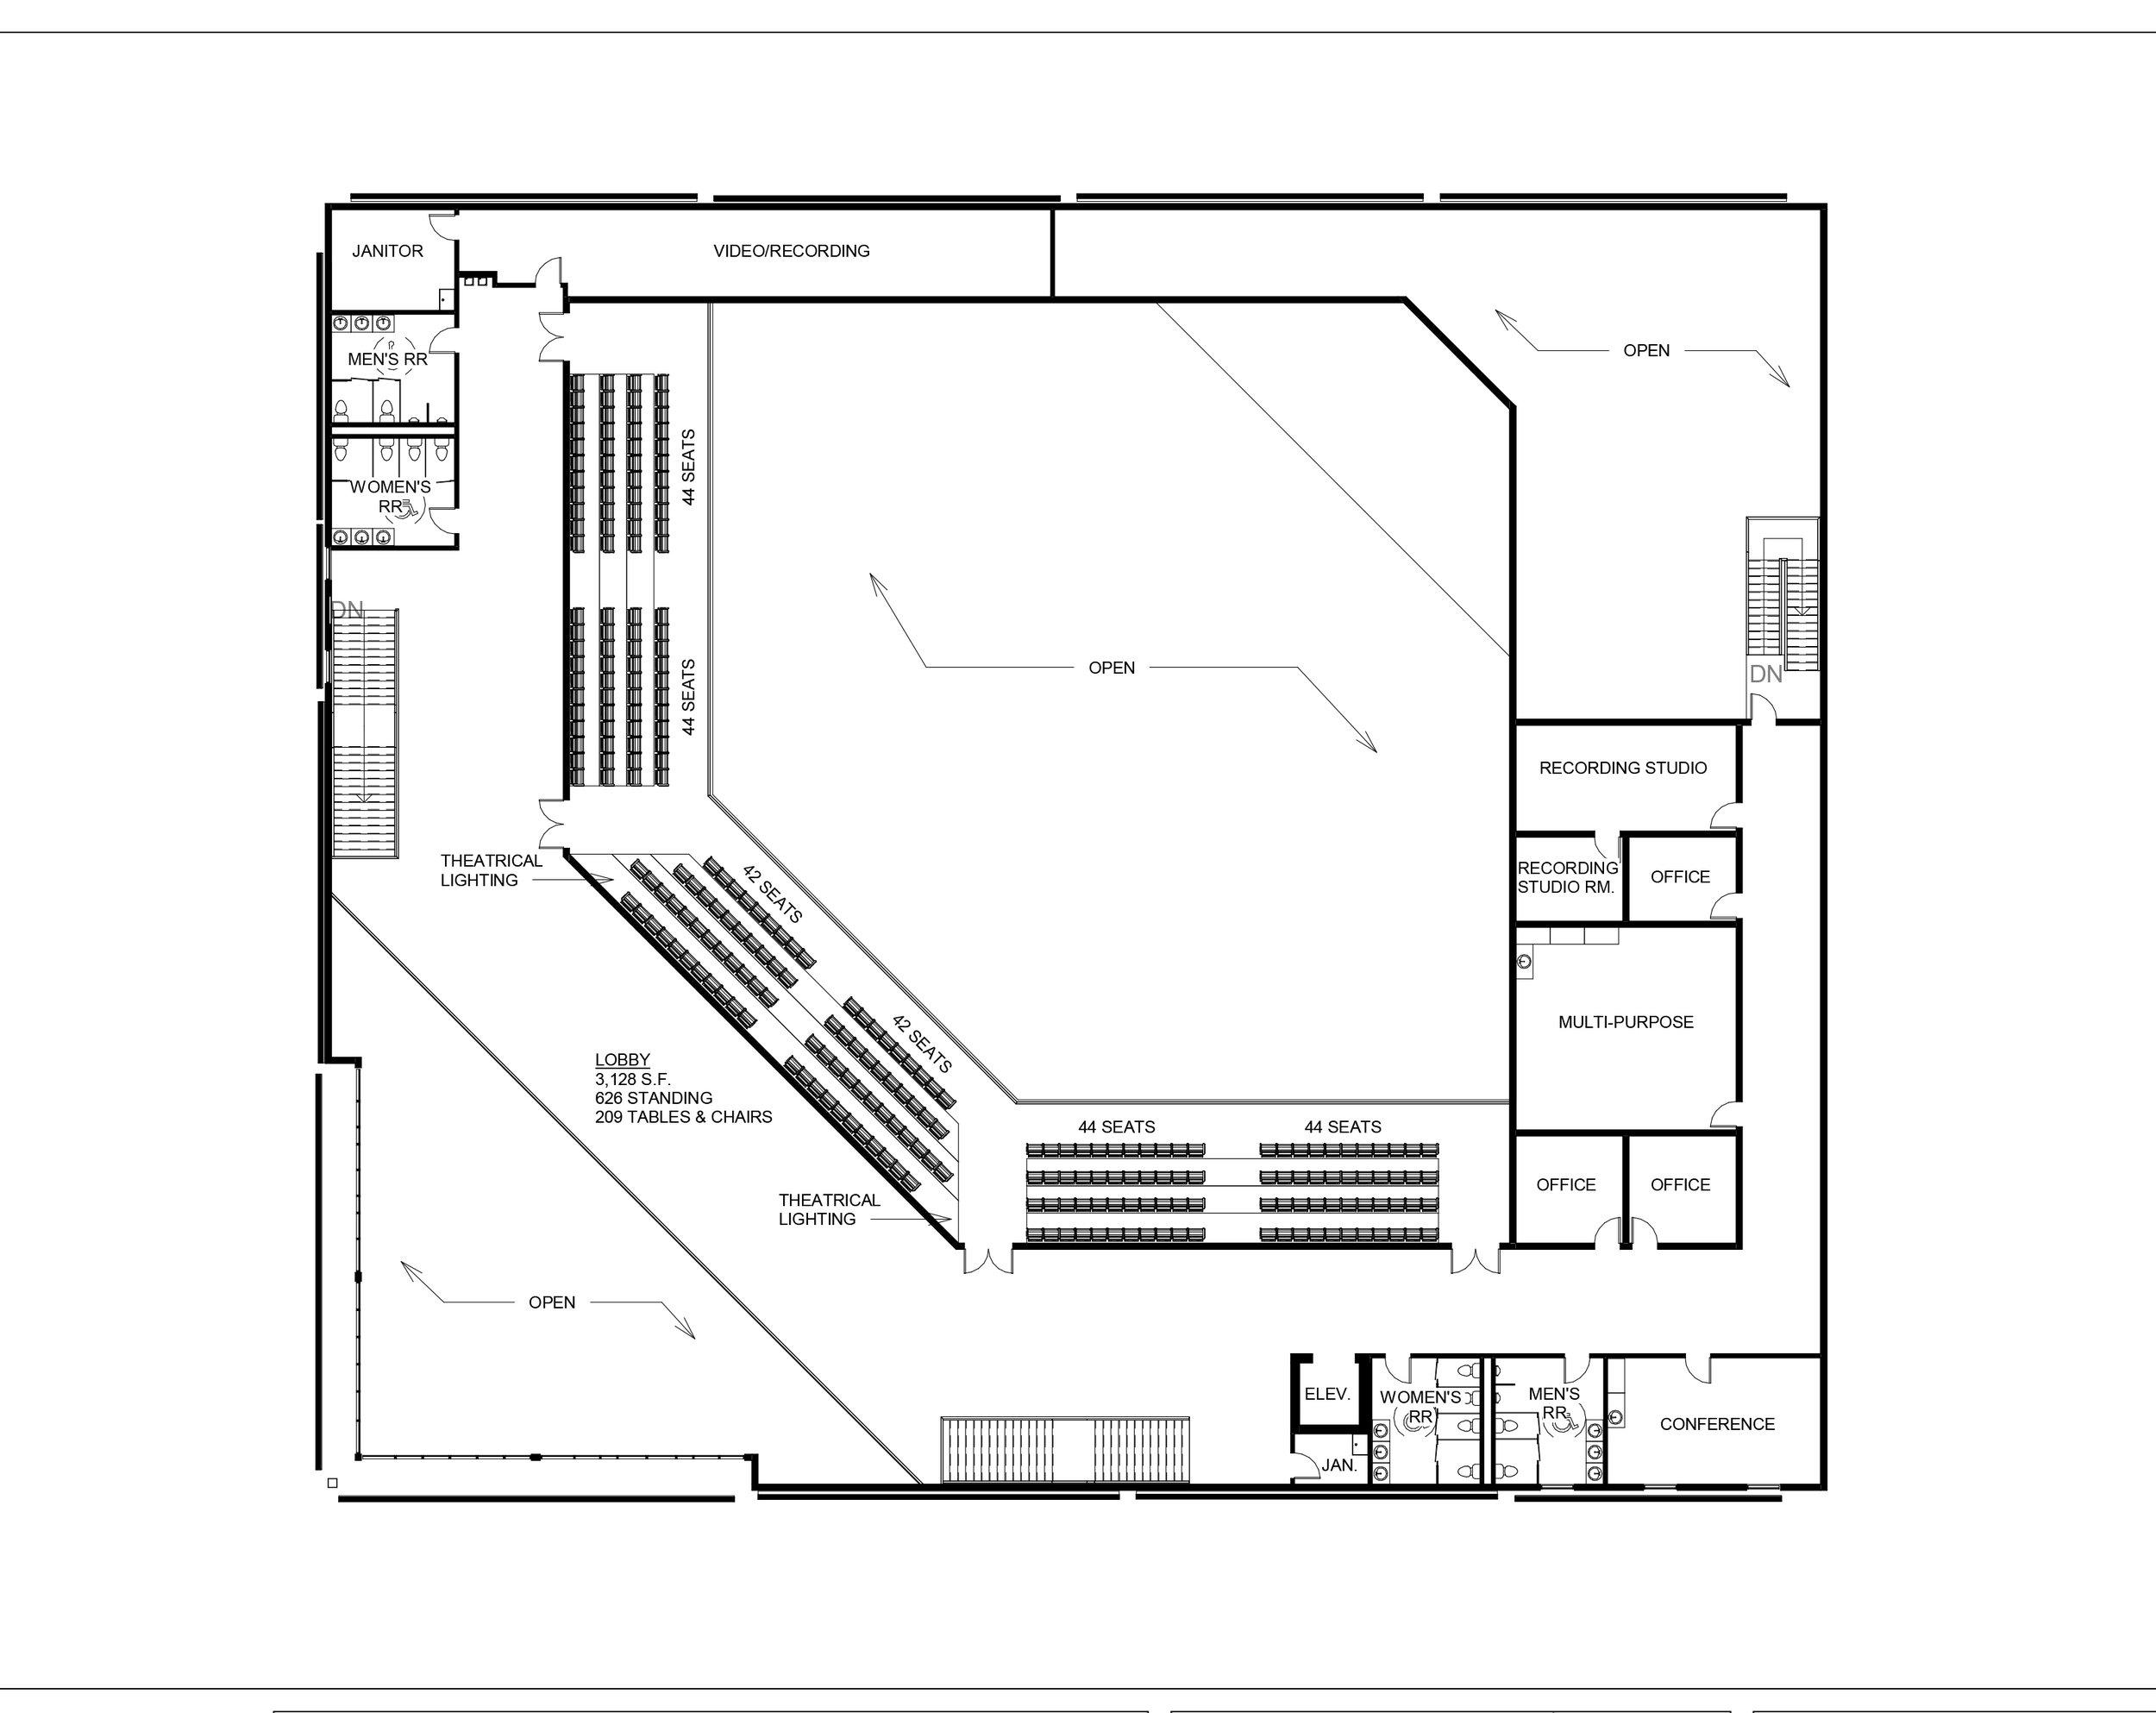 3-12-19 Second Floor Cropped.jpg